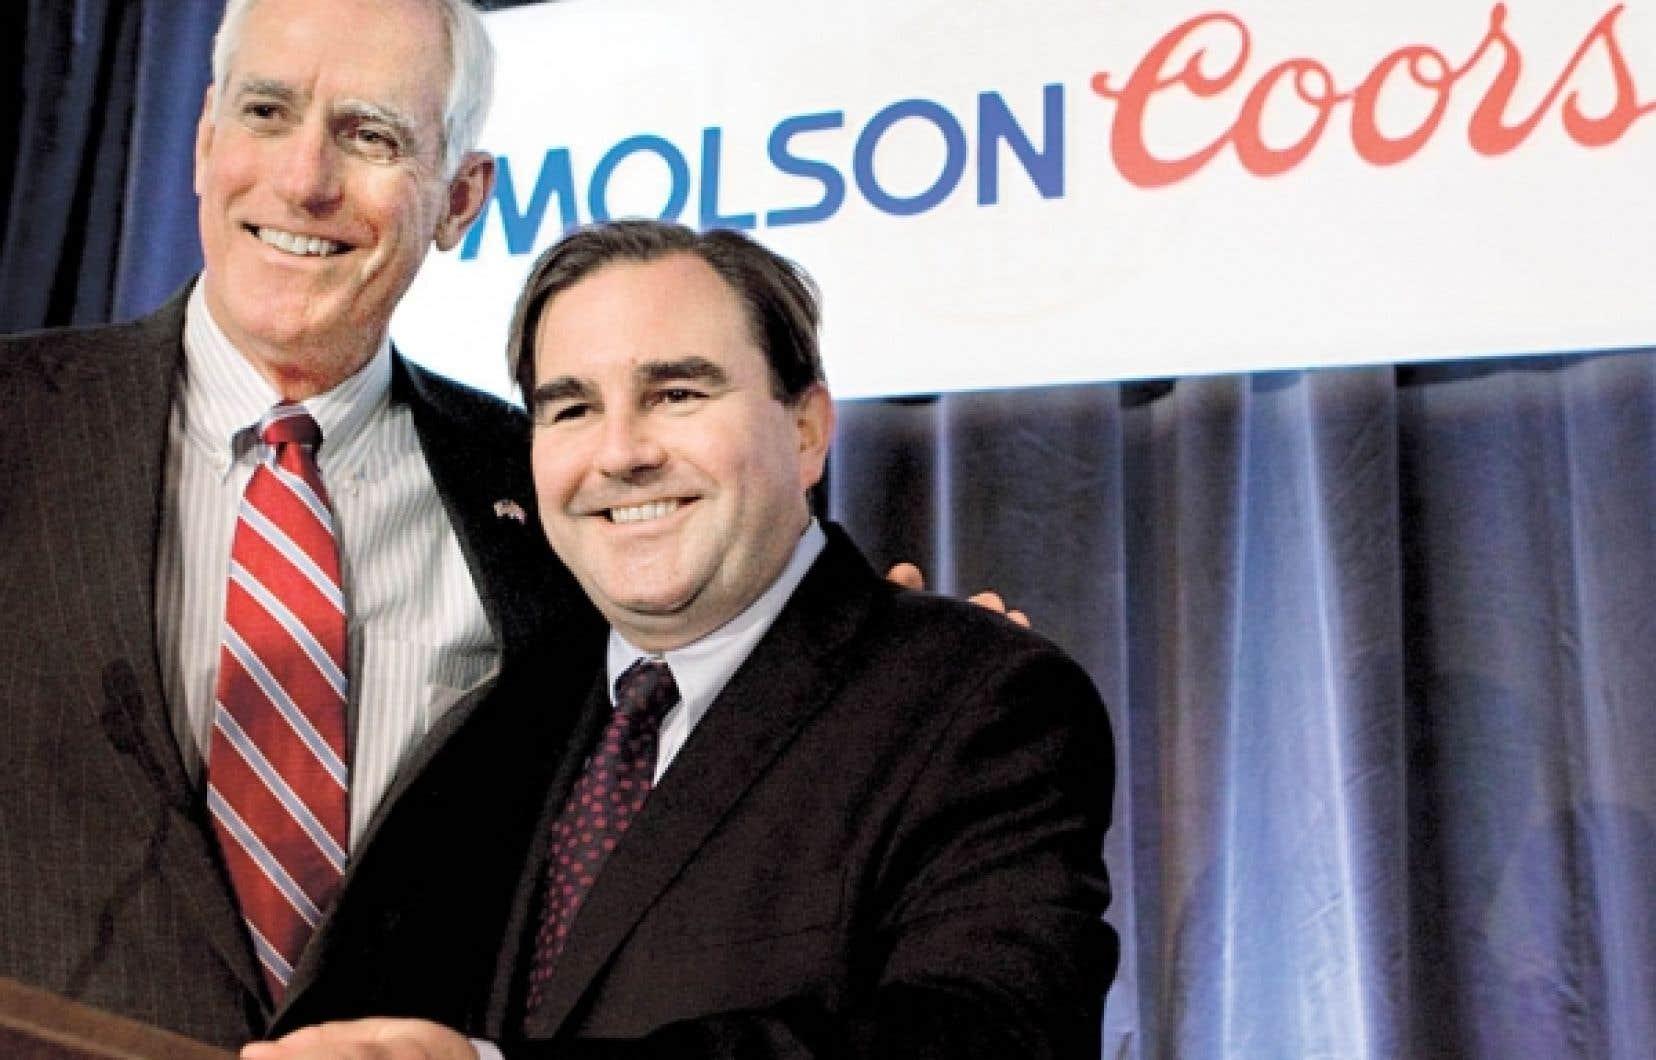 Andrew Molson (&agrave; droite) succ&eacute;dera &agrave; Peter Coors au poste de pr&eacute;sident du conseil d&rsquo;administration de Molson Coors Brewing Company.<br />